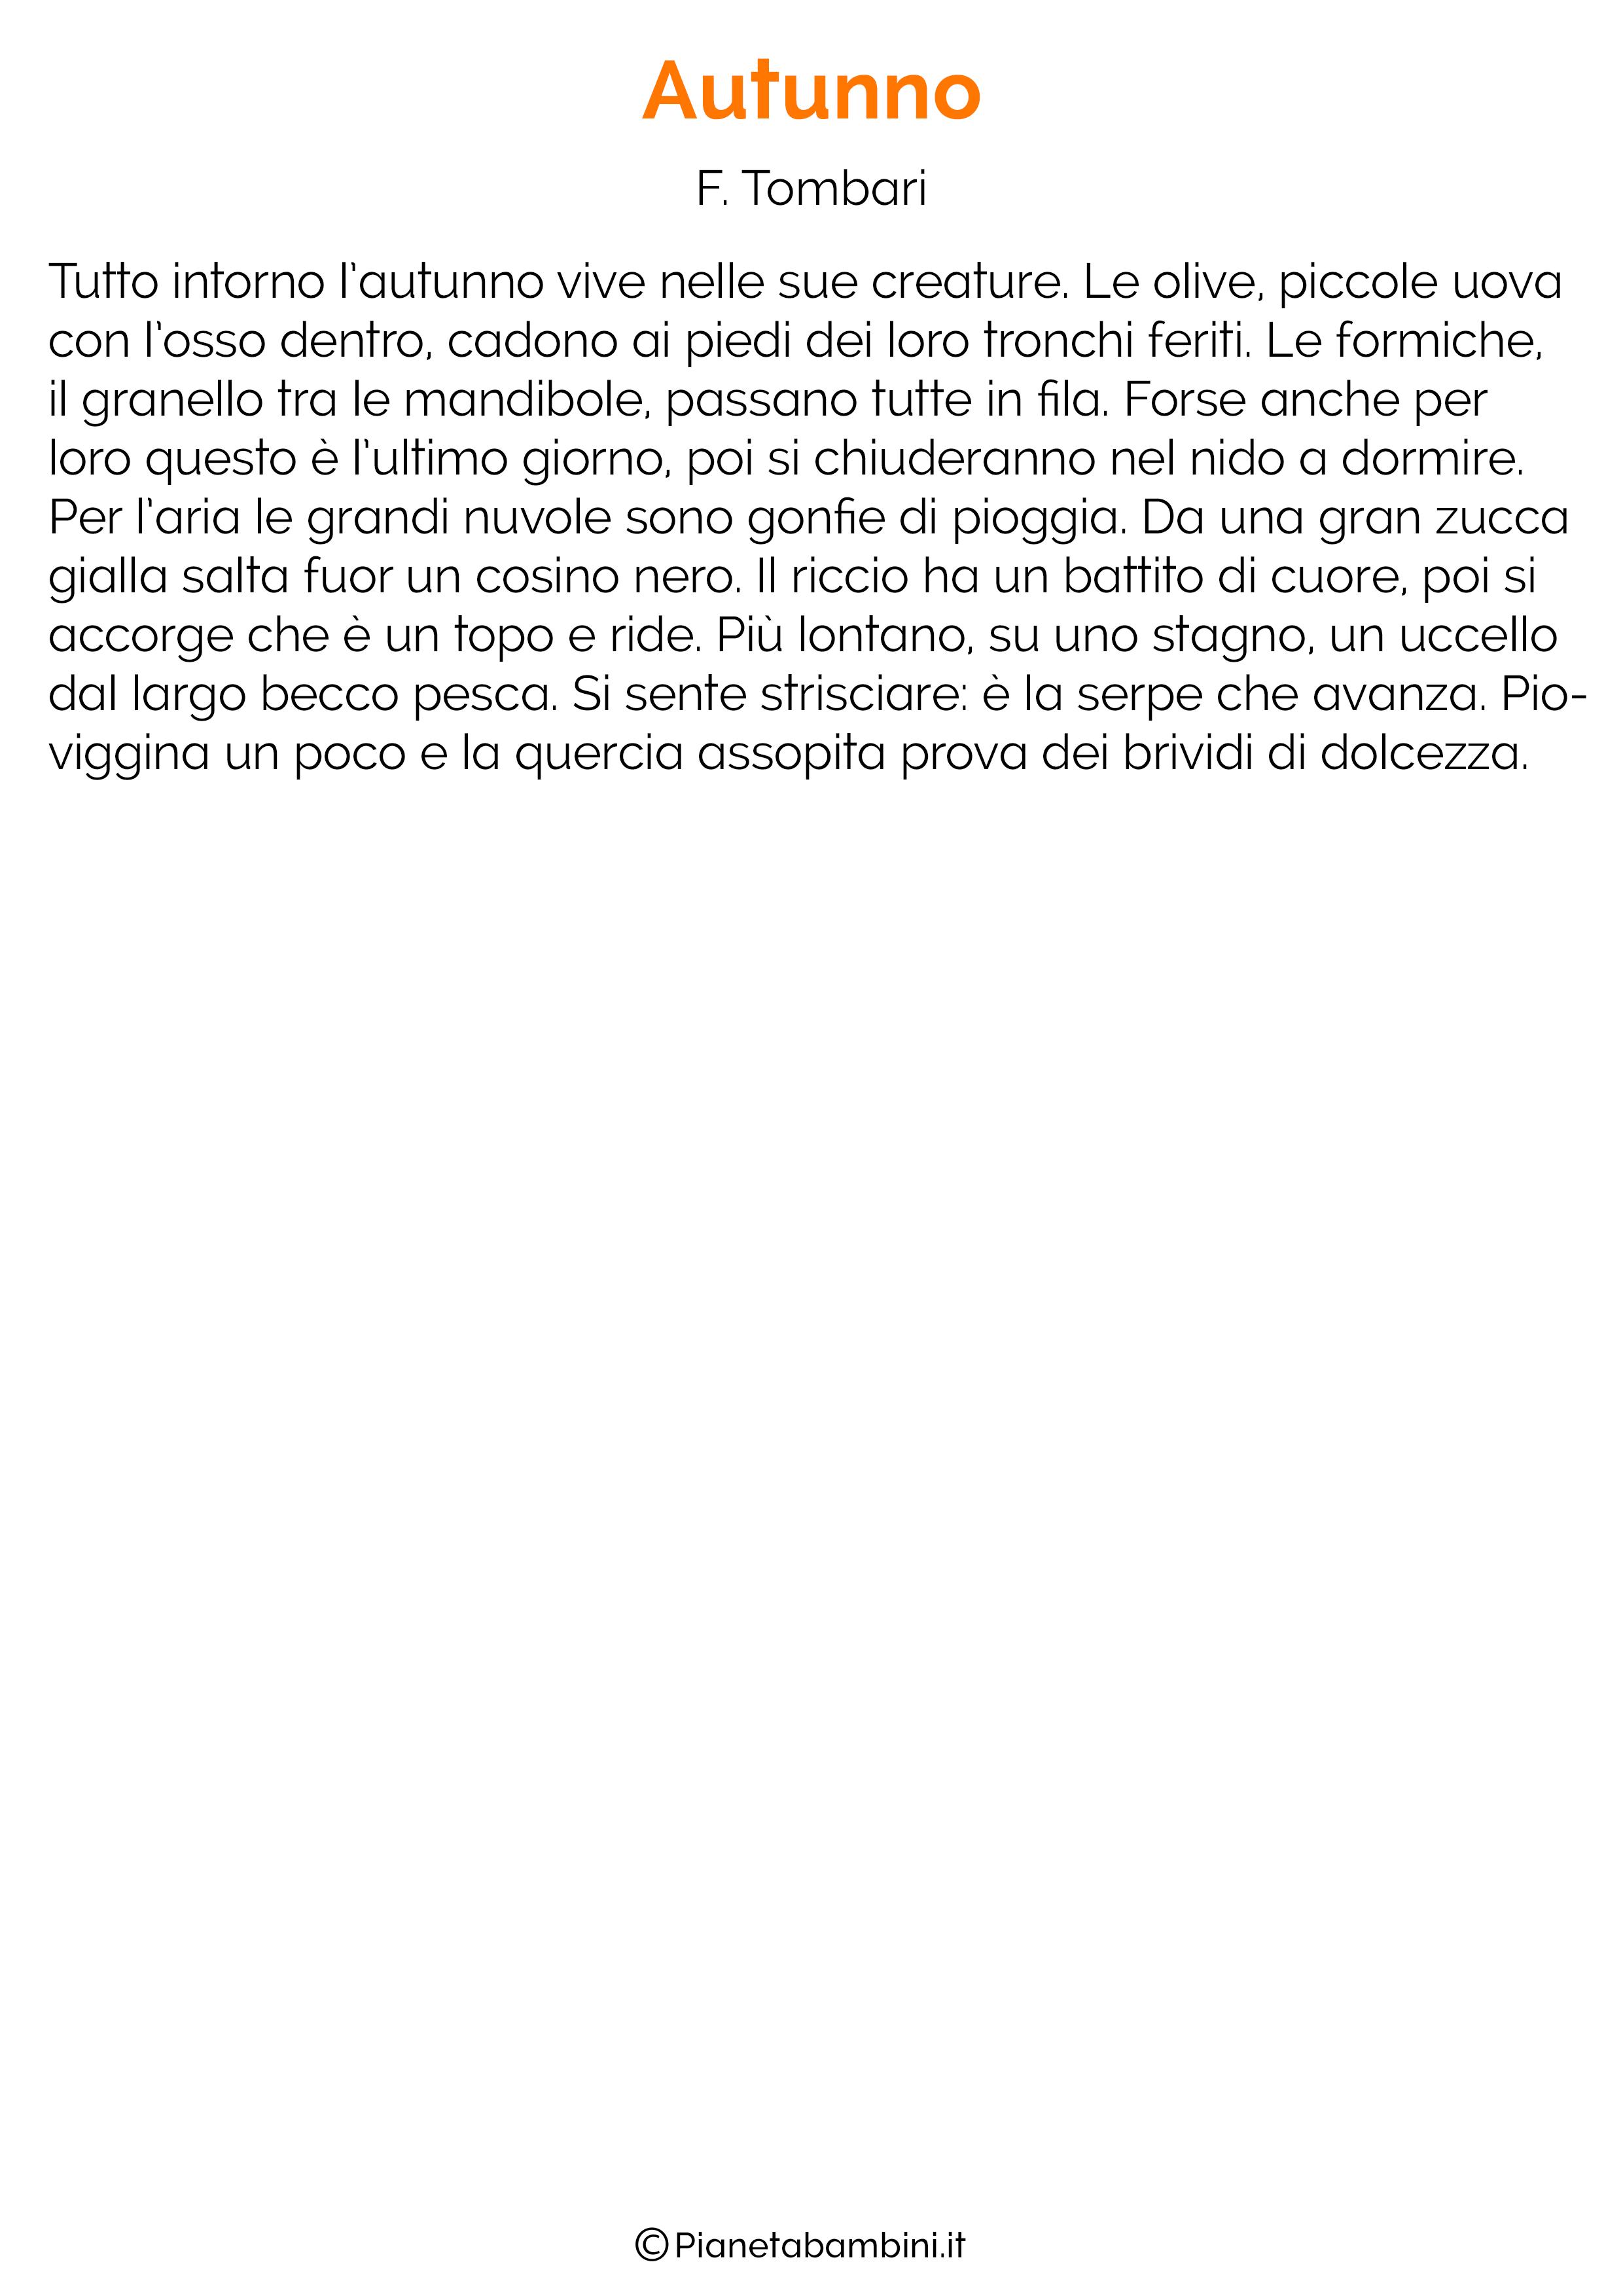 Dettato sull'autunno n.16